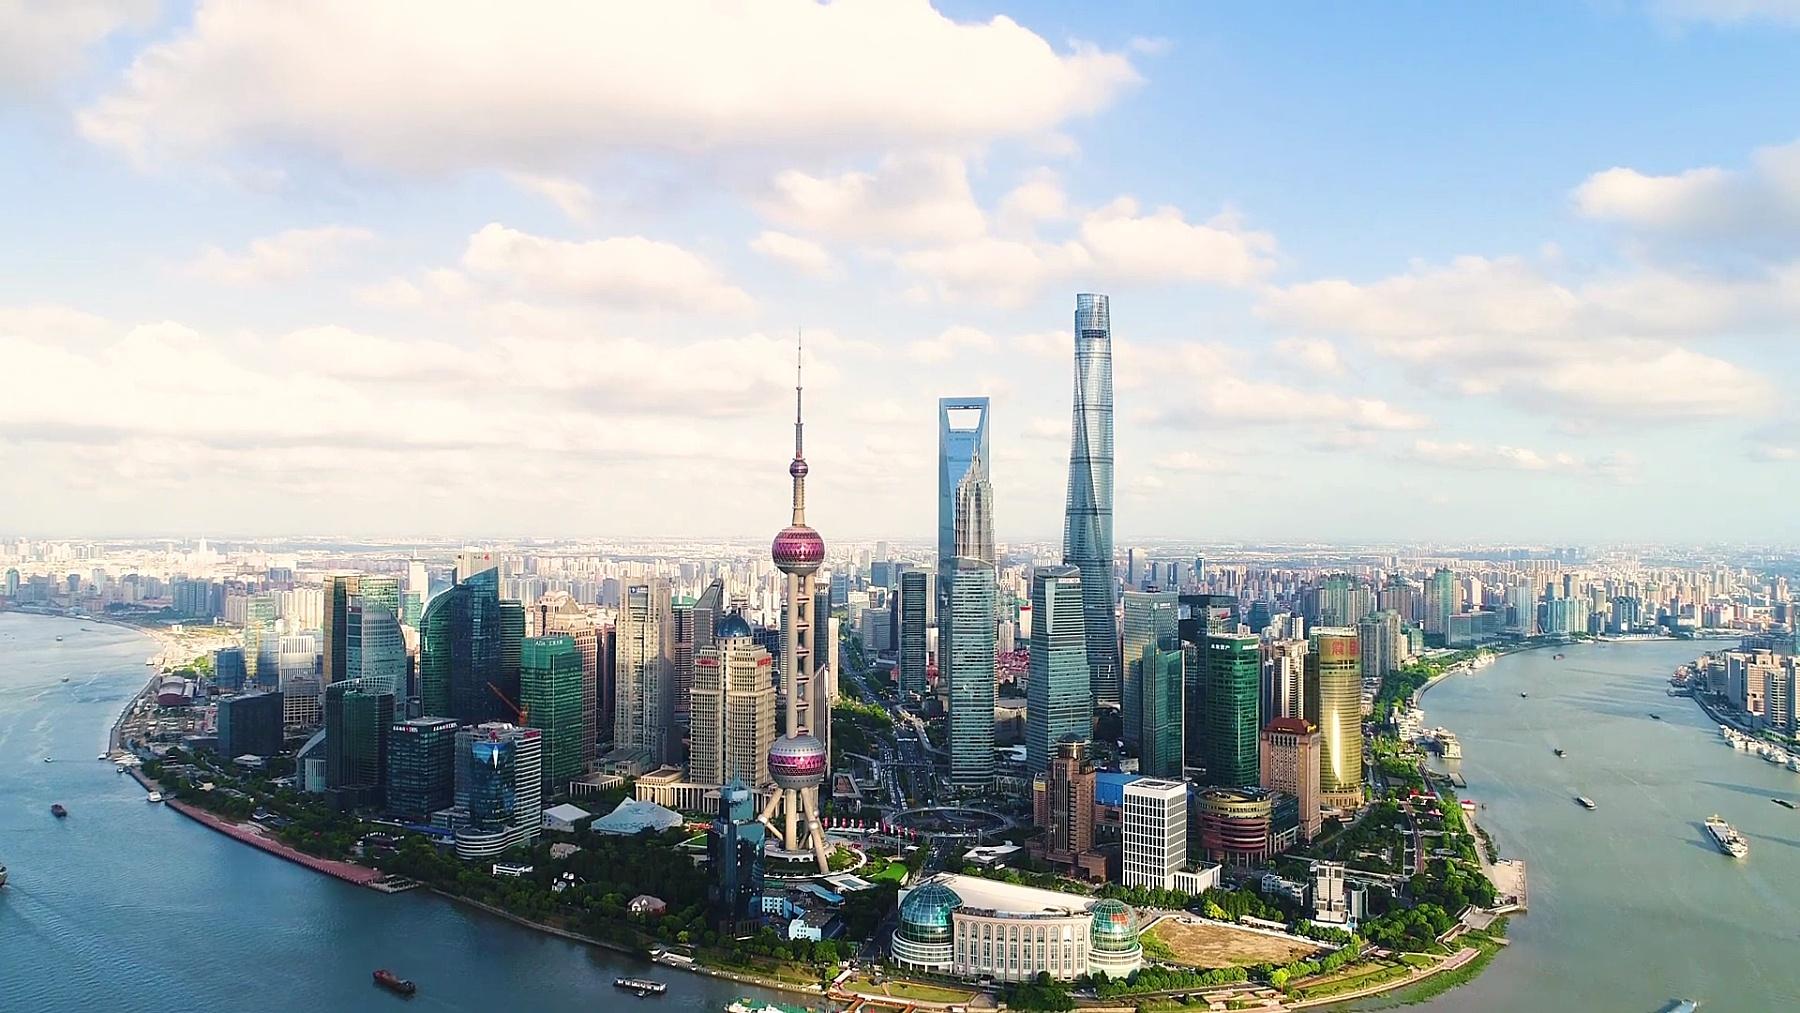 无人机拍摄 晴朗天空中上海天际线的 鸟瞰